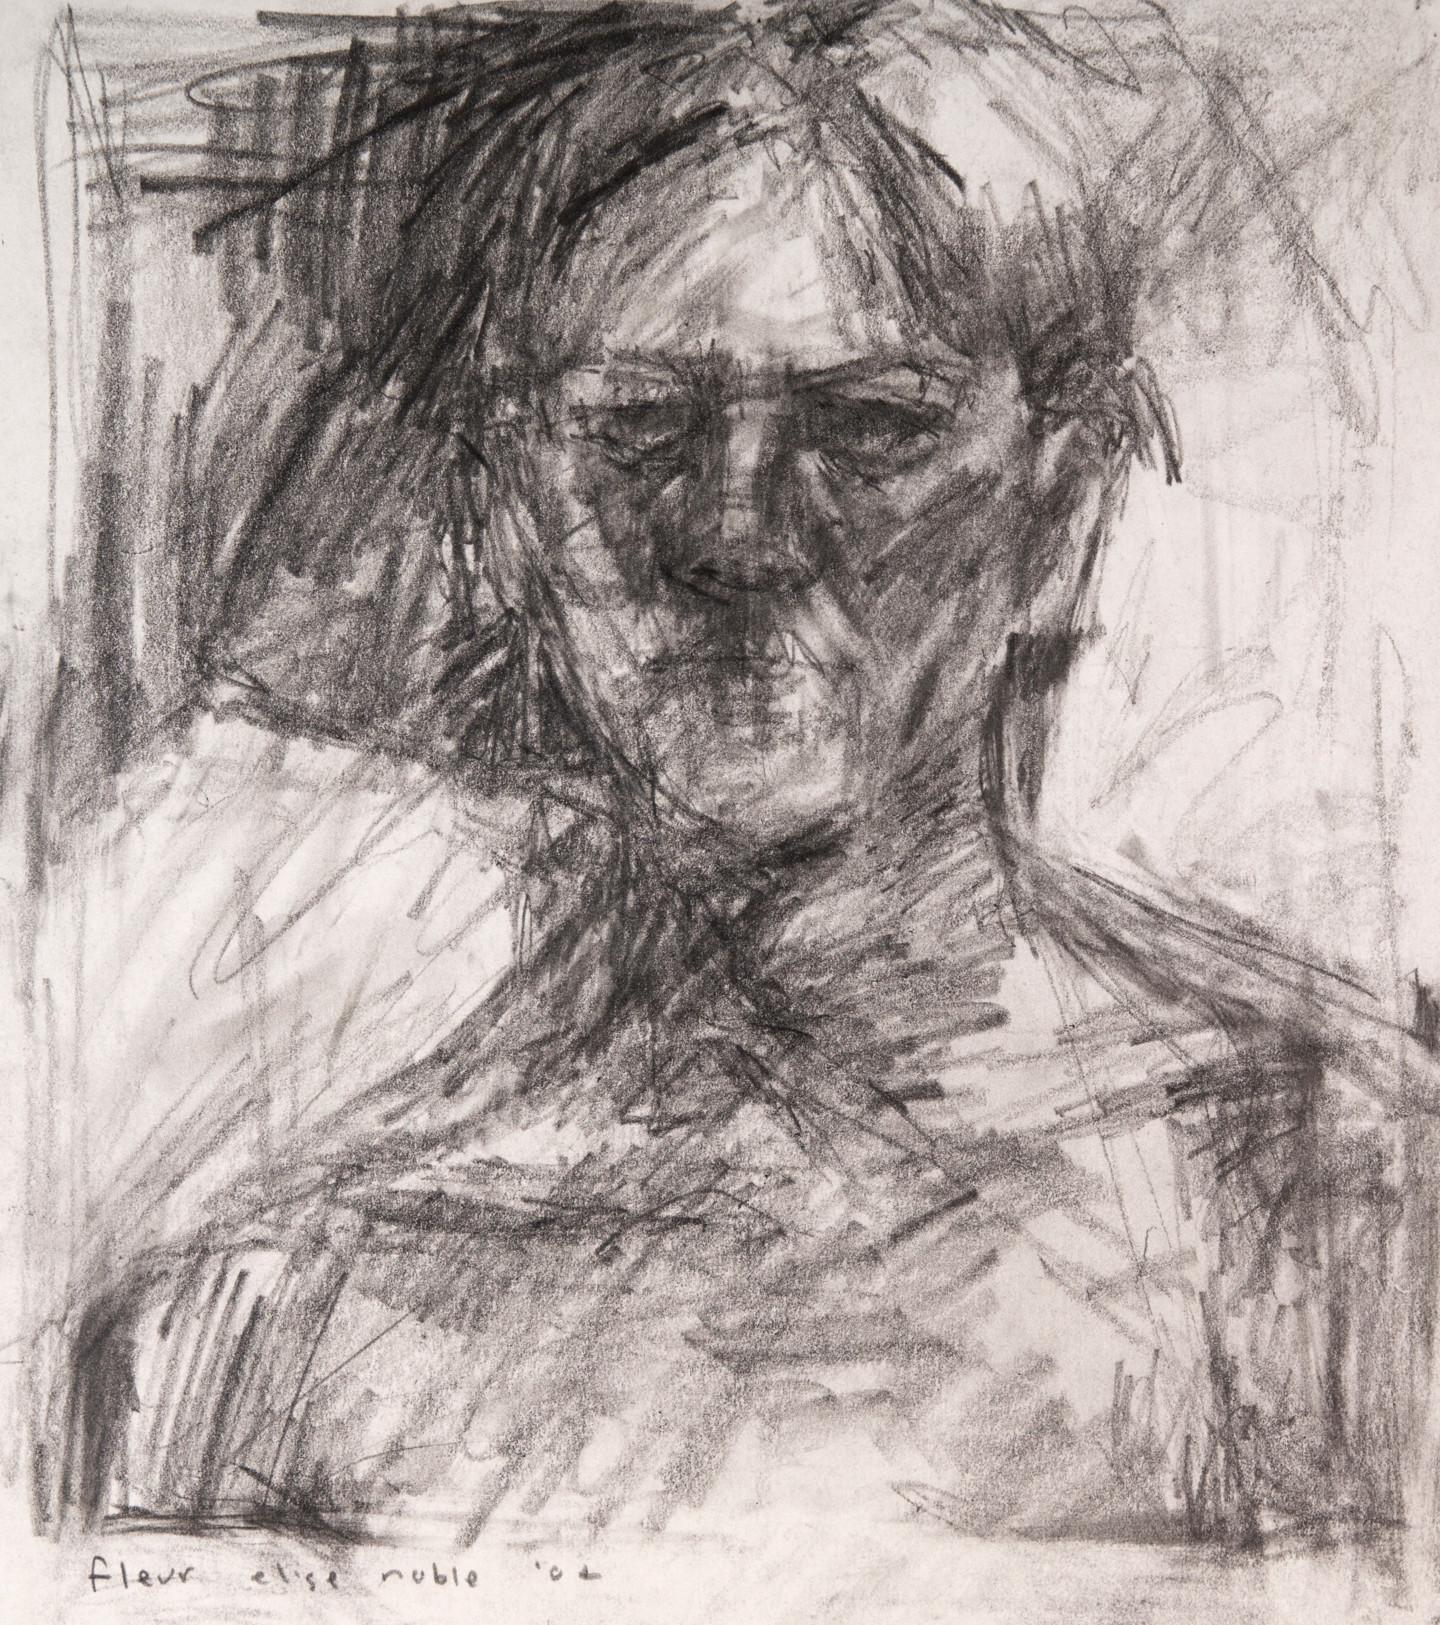 Fleur Elise Noble - Dirty Portrait 7